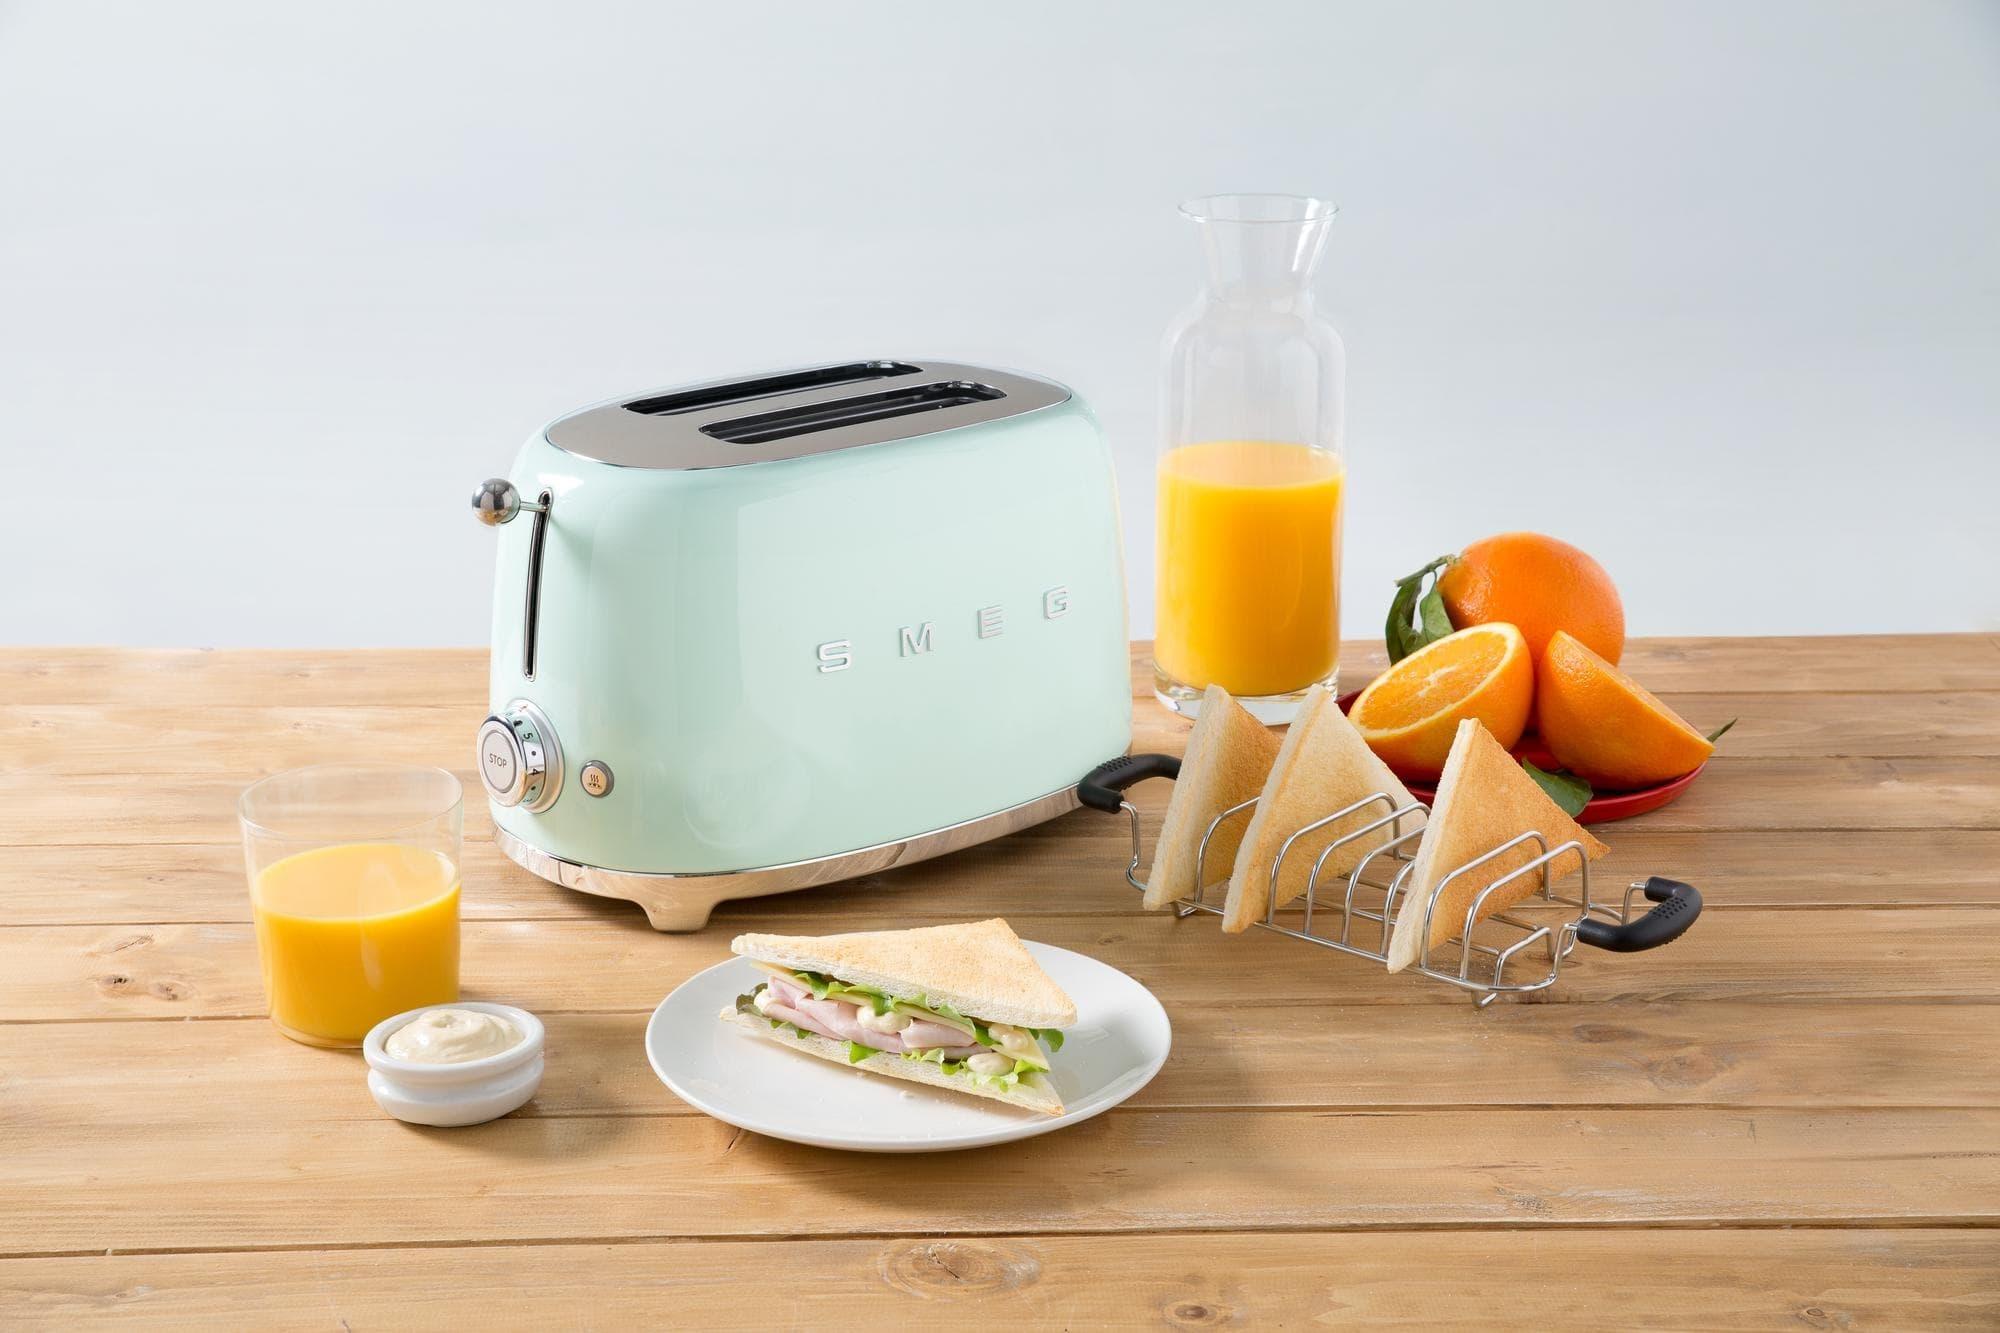 Тостер – бытовой электрический прибор